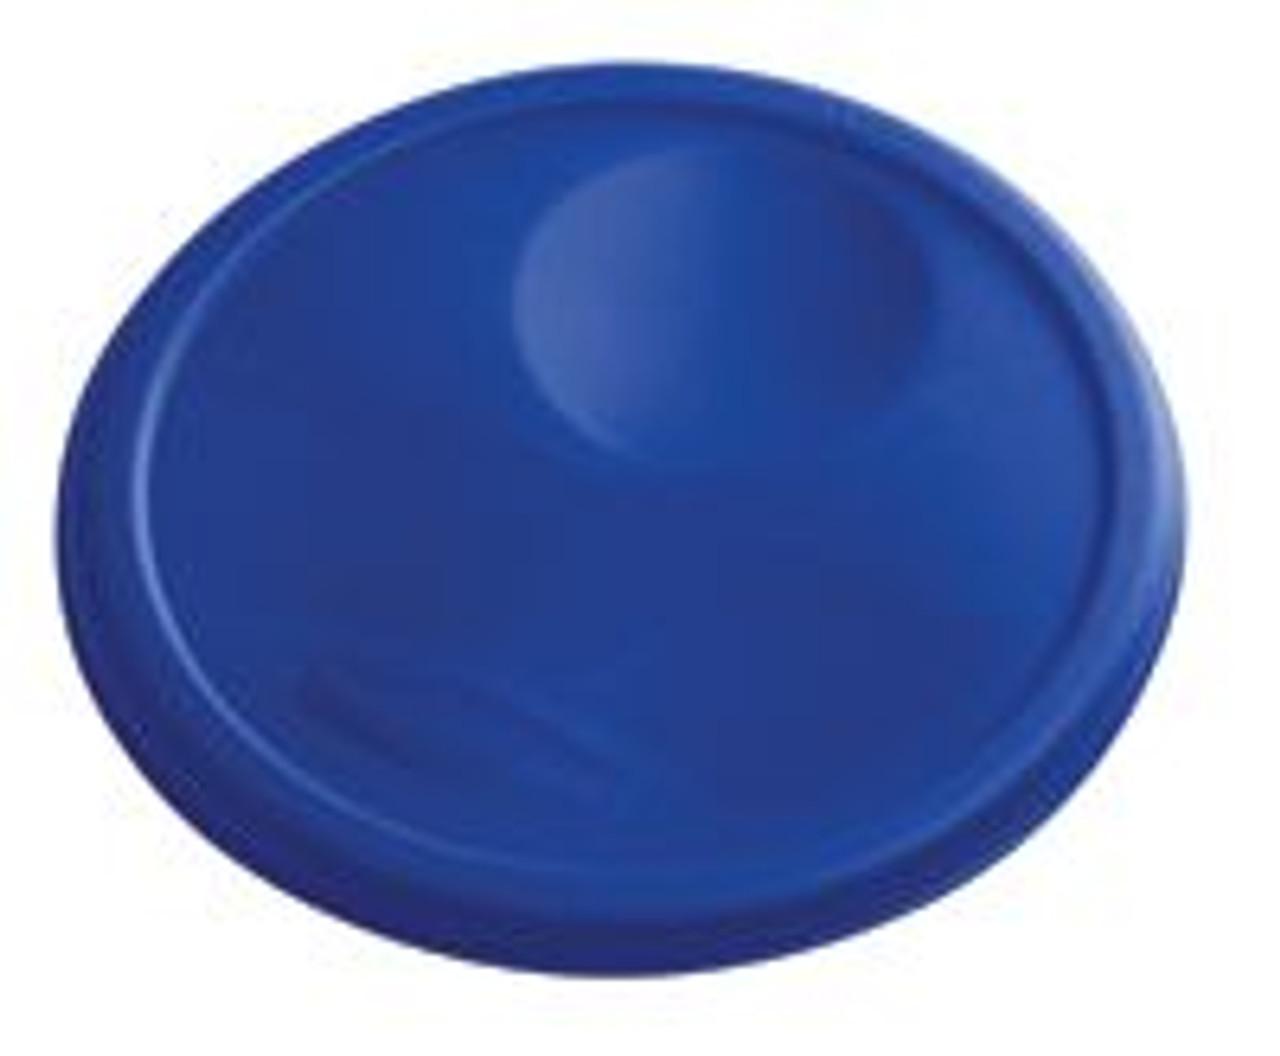 Rubbermaid Round Container Lid - Medium Blue - 1980382